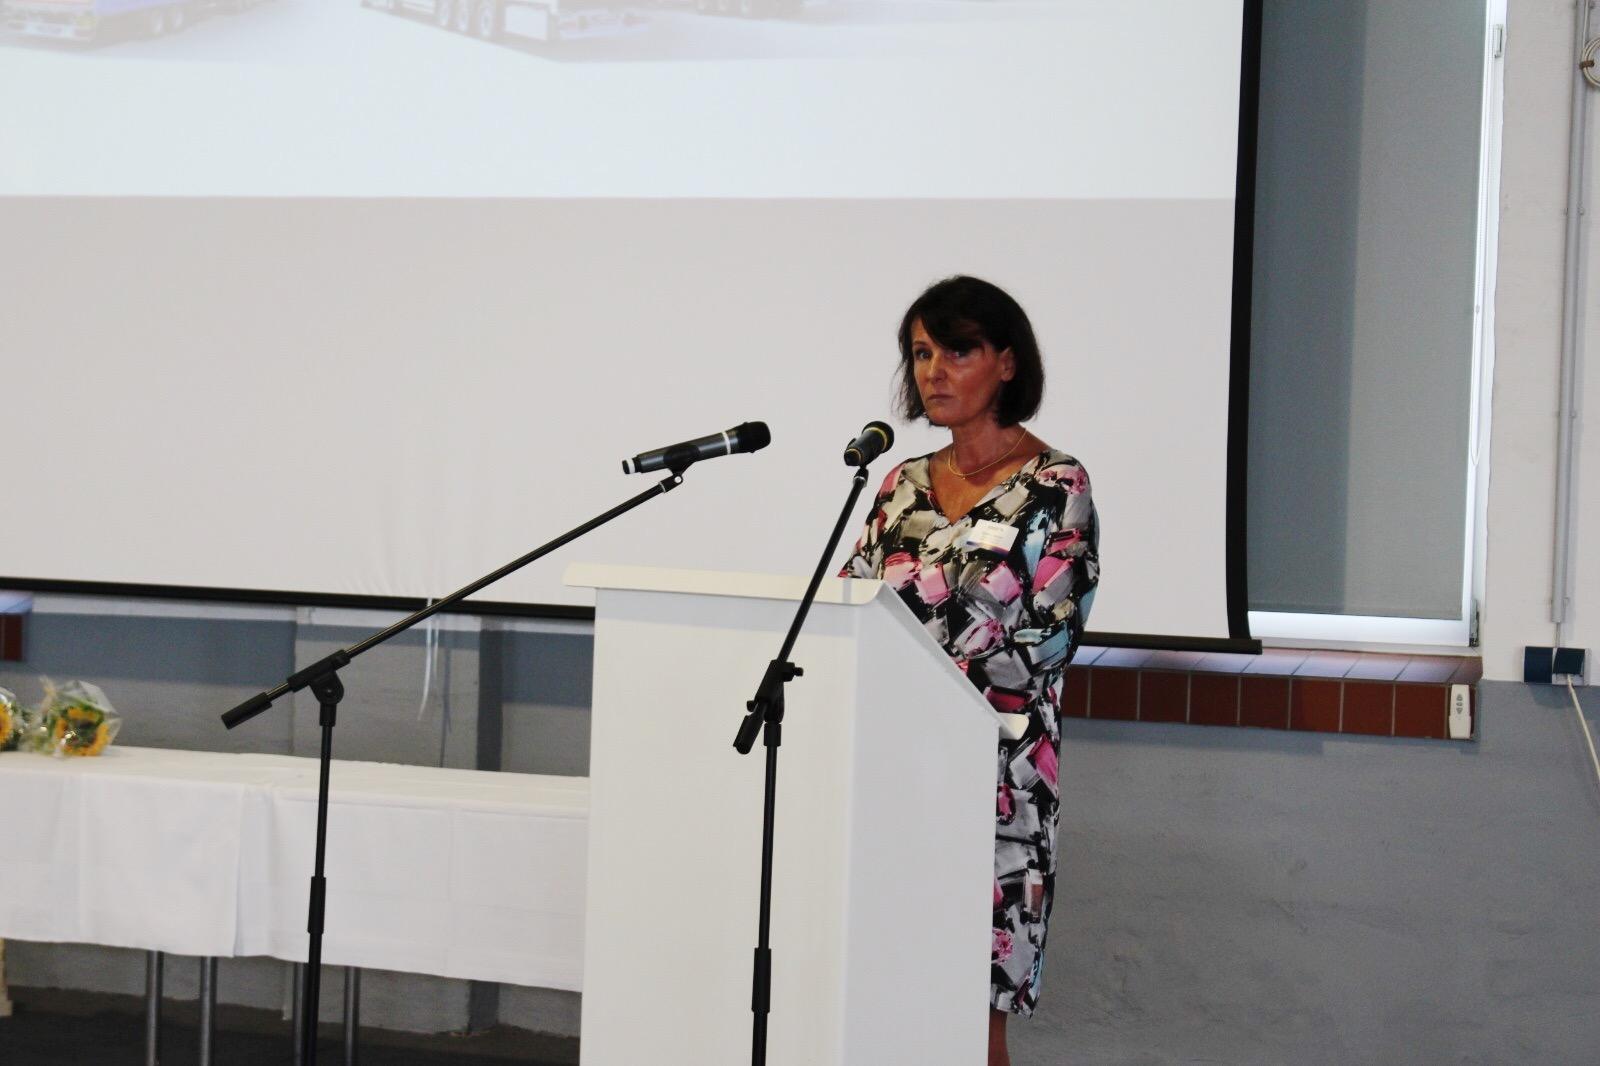 Bettina Haase - Geschäftsführerin des Bauindustrieverbandes Hessen-Thüringen e.V. bei Ihrem Vortrag